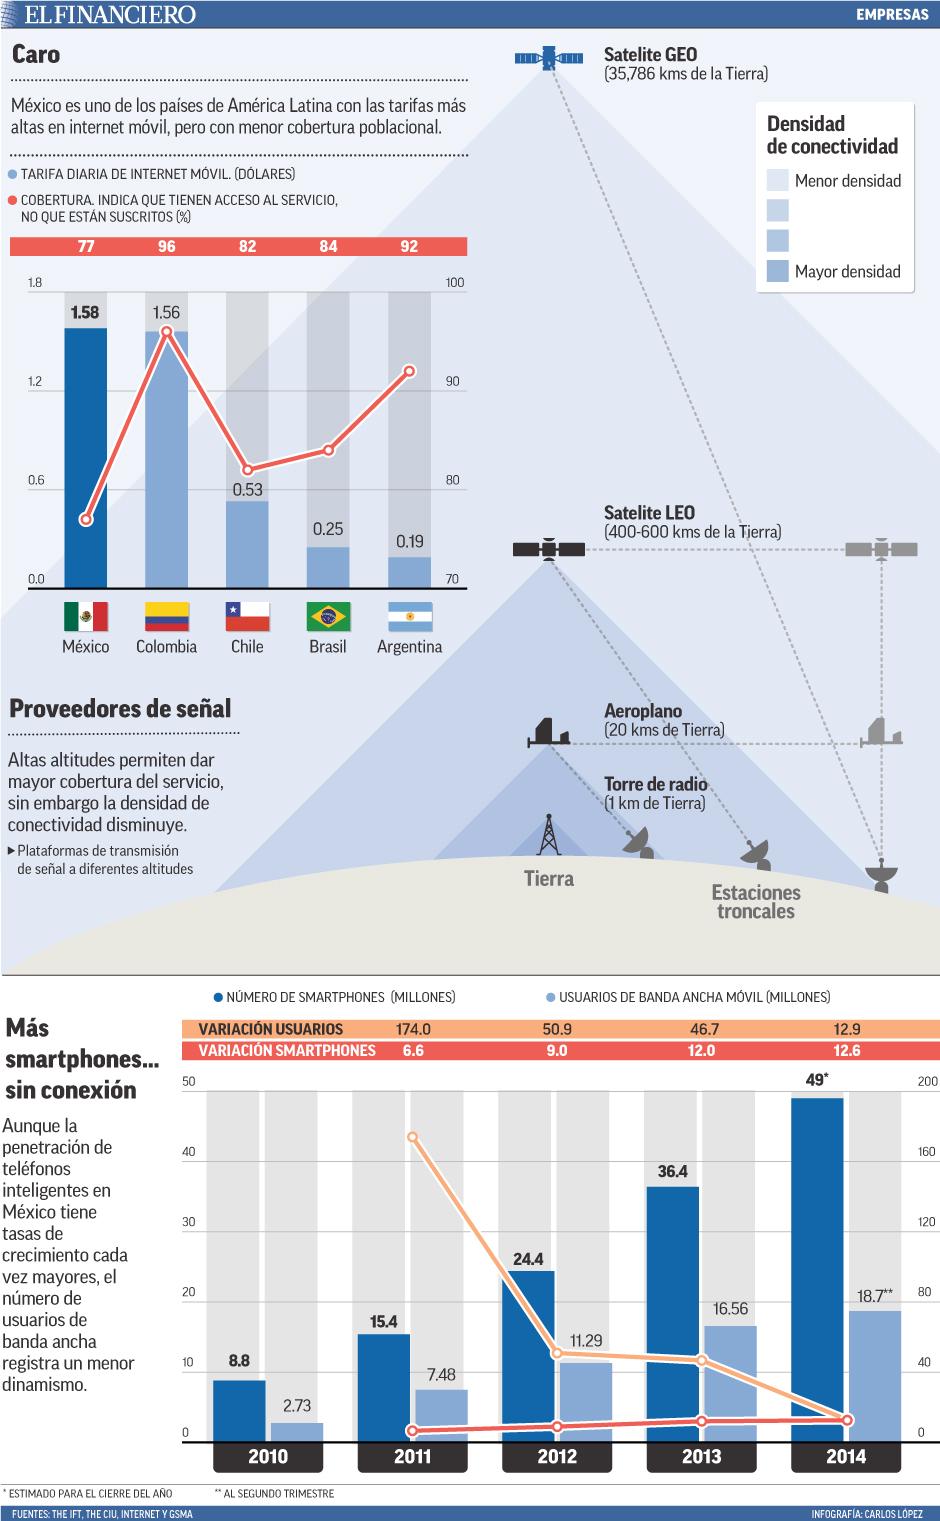 México es uno de los países de América Latina con las tarifas más altas en internet móvil, pero con menor cobertura poblacional.